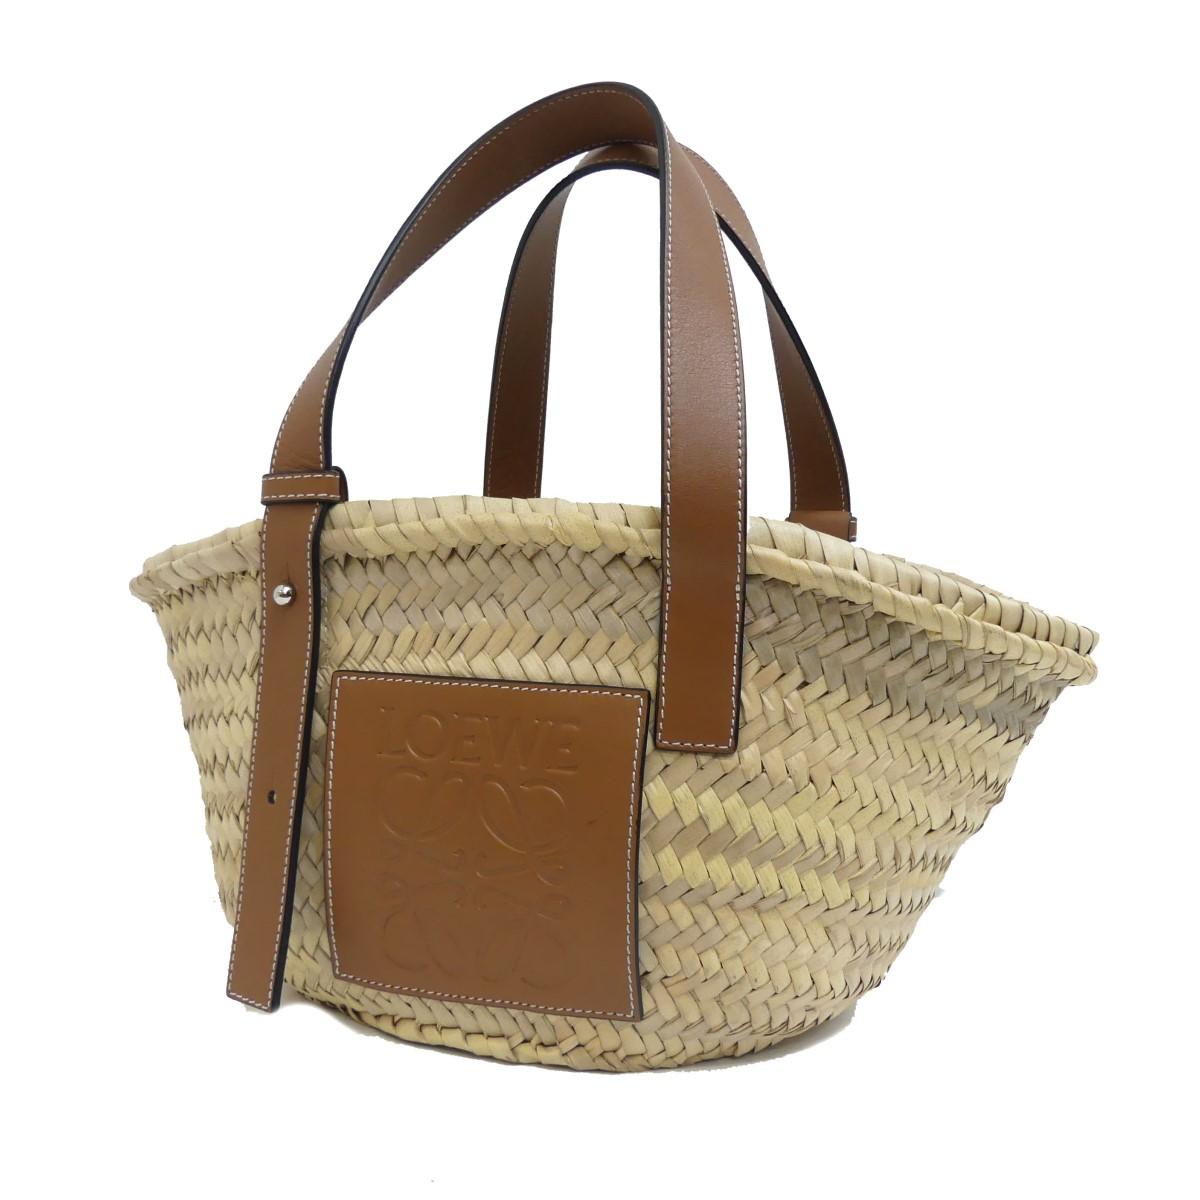 【中古】LOEWE BASKET BAG カゴバッグ ナチュラル 【260420】(ロエベ)